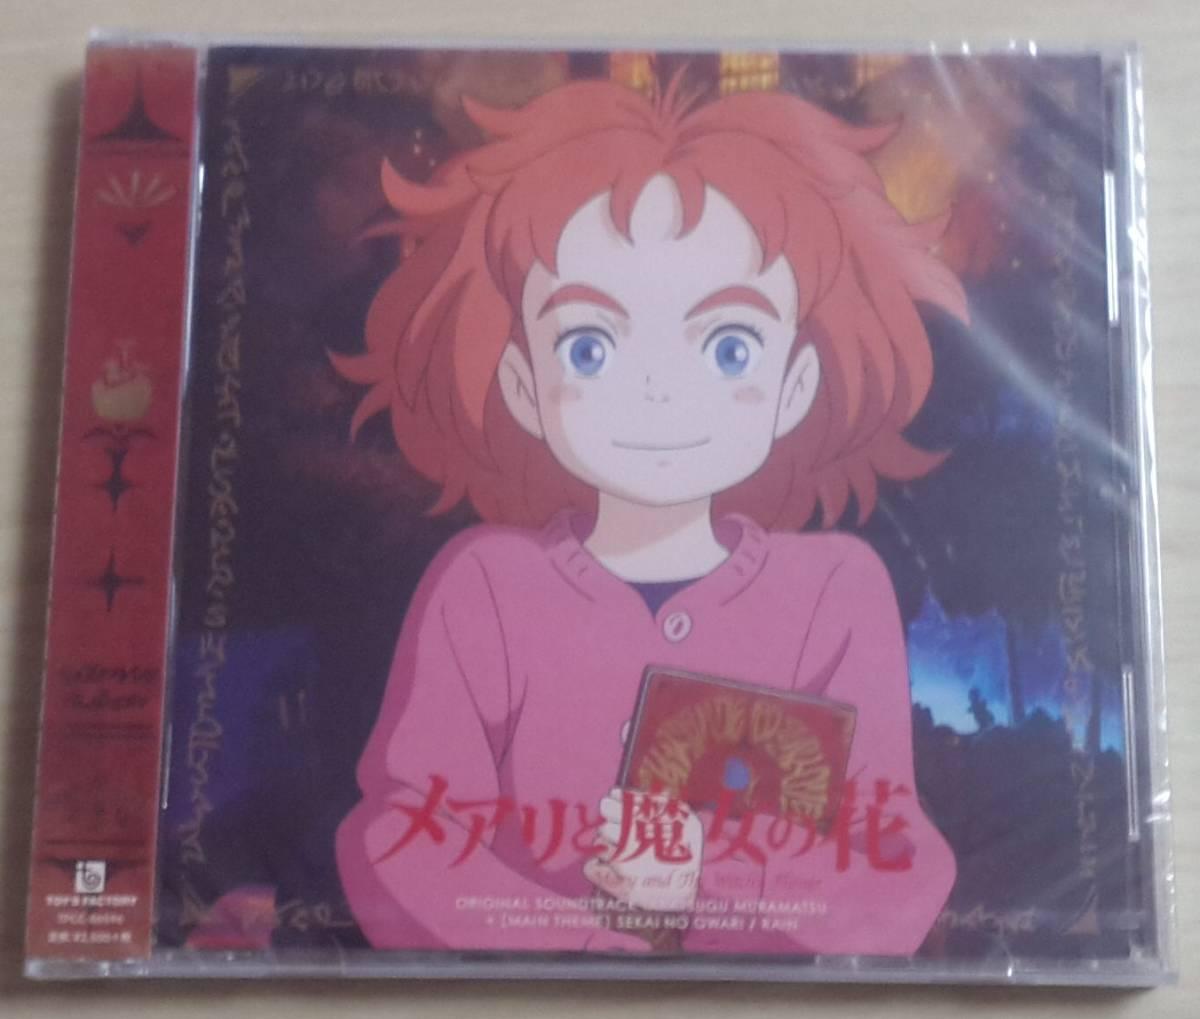 メアリと魔女の花 オリジナル・サウンドトラック[CD]《新品未開封品》_画像1